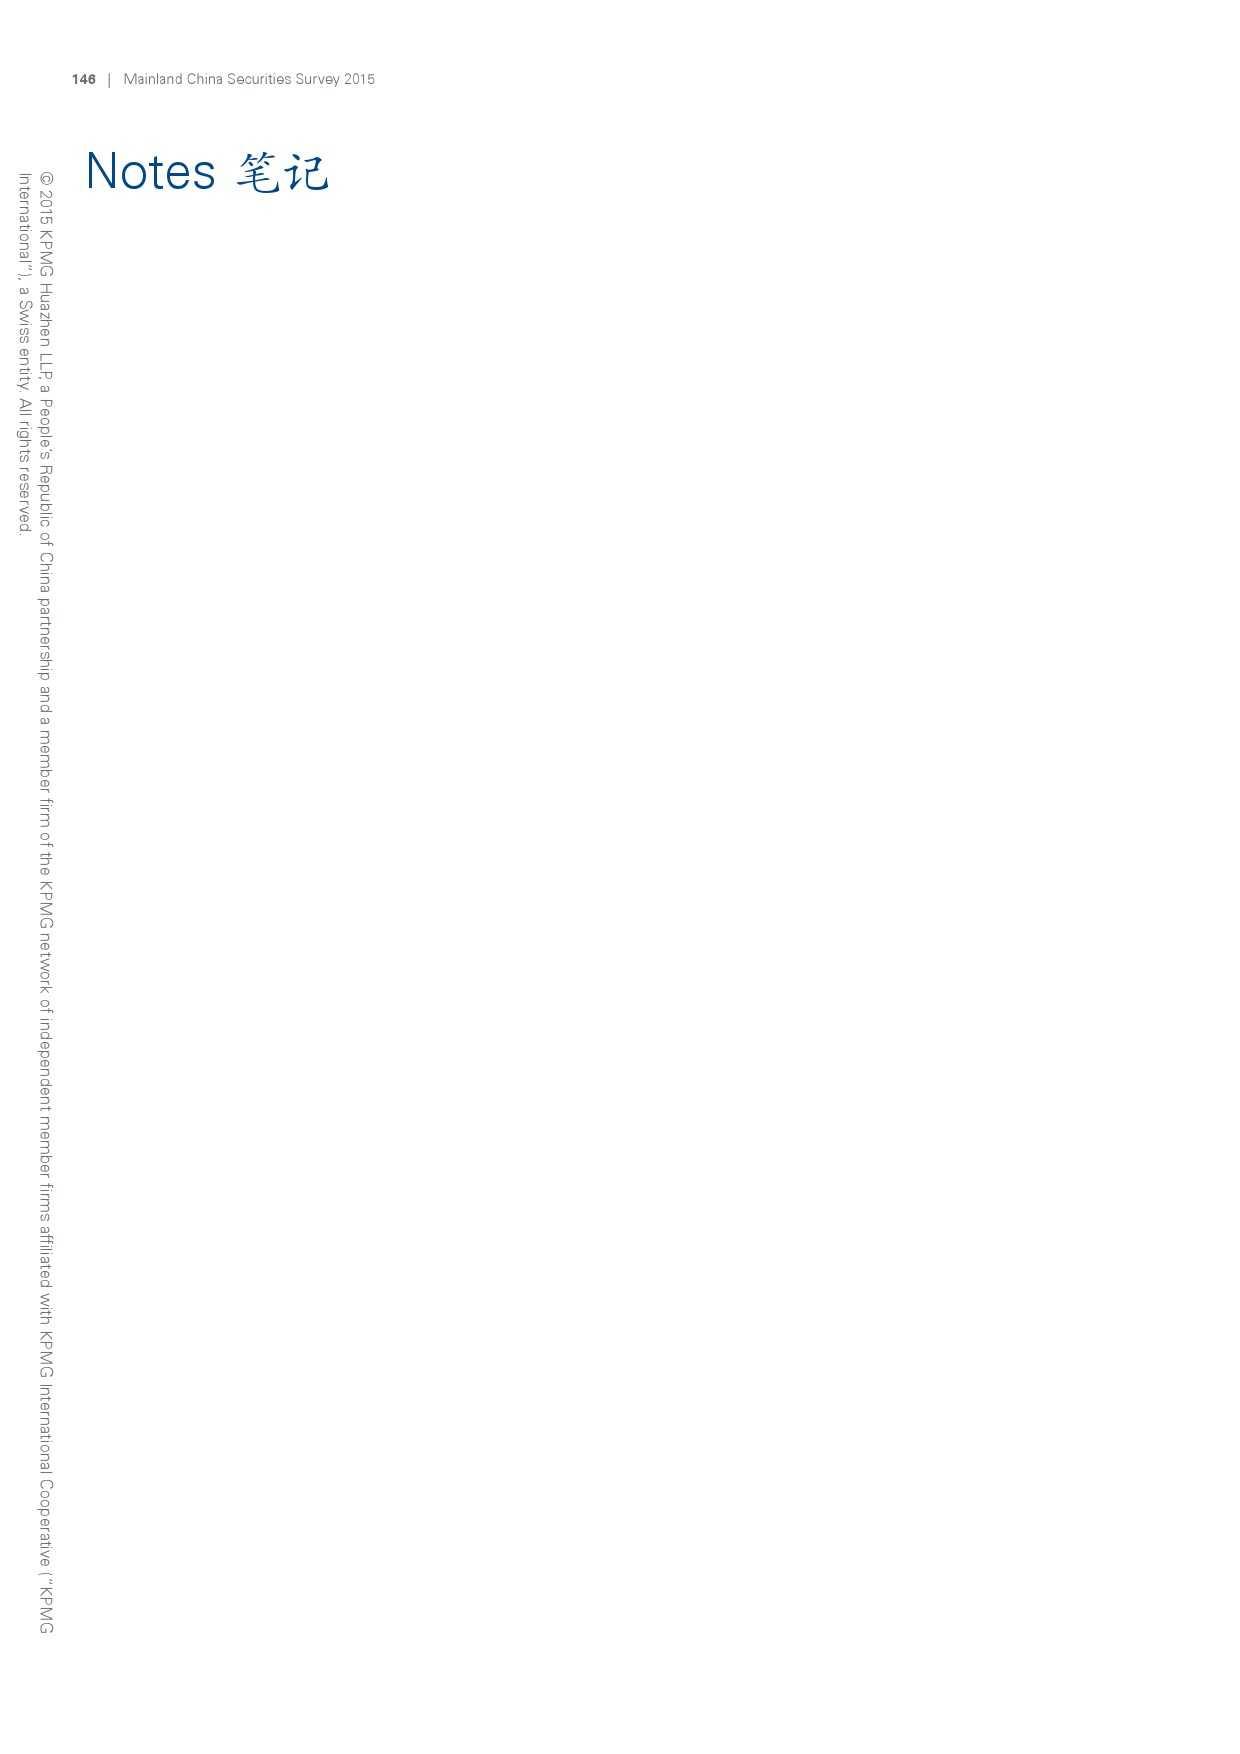 毕马威:2015年中国证券业调查报告_000148